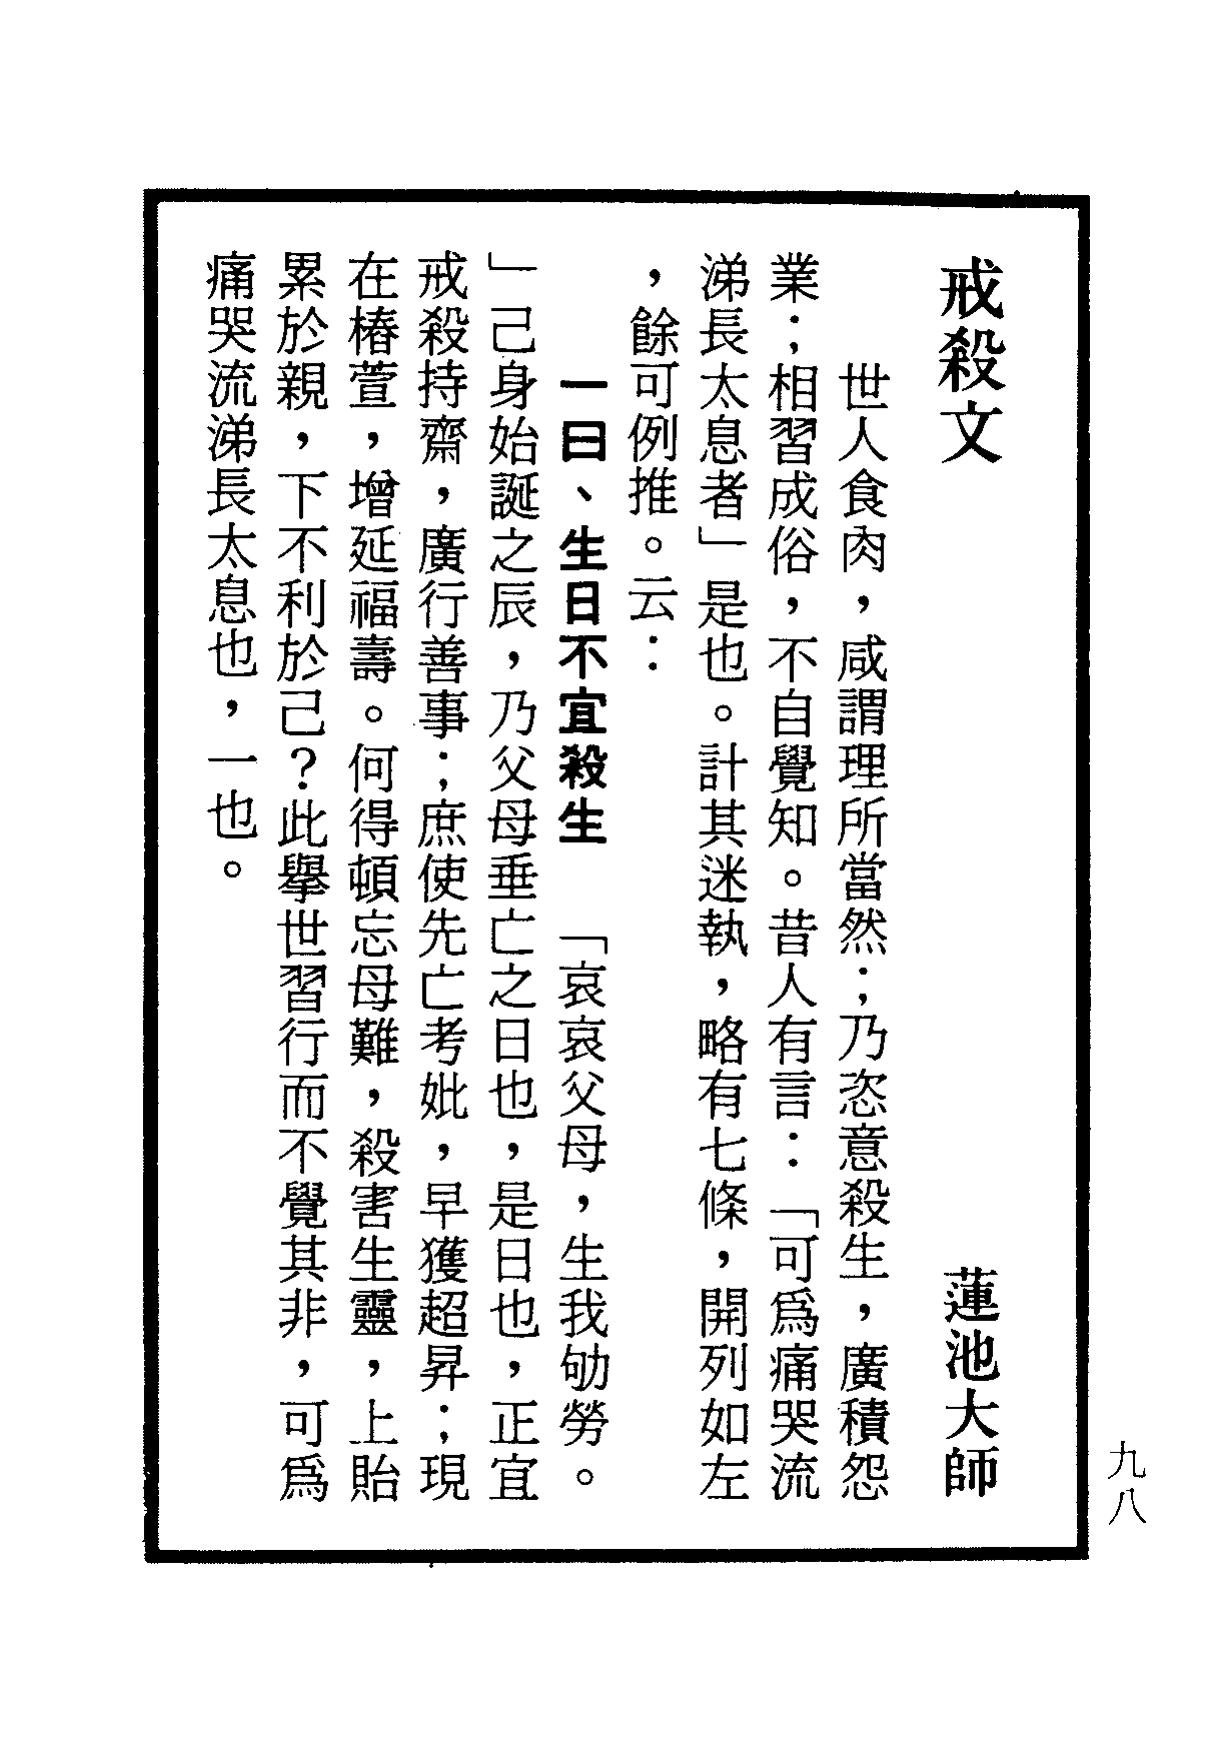 楞嚴咒-大悲咒-十小咒-易背本 104.png